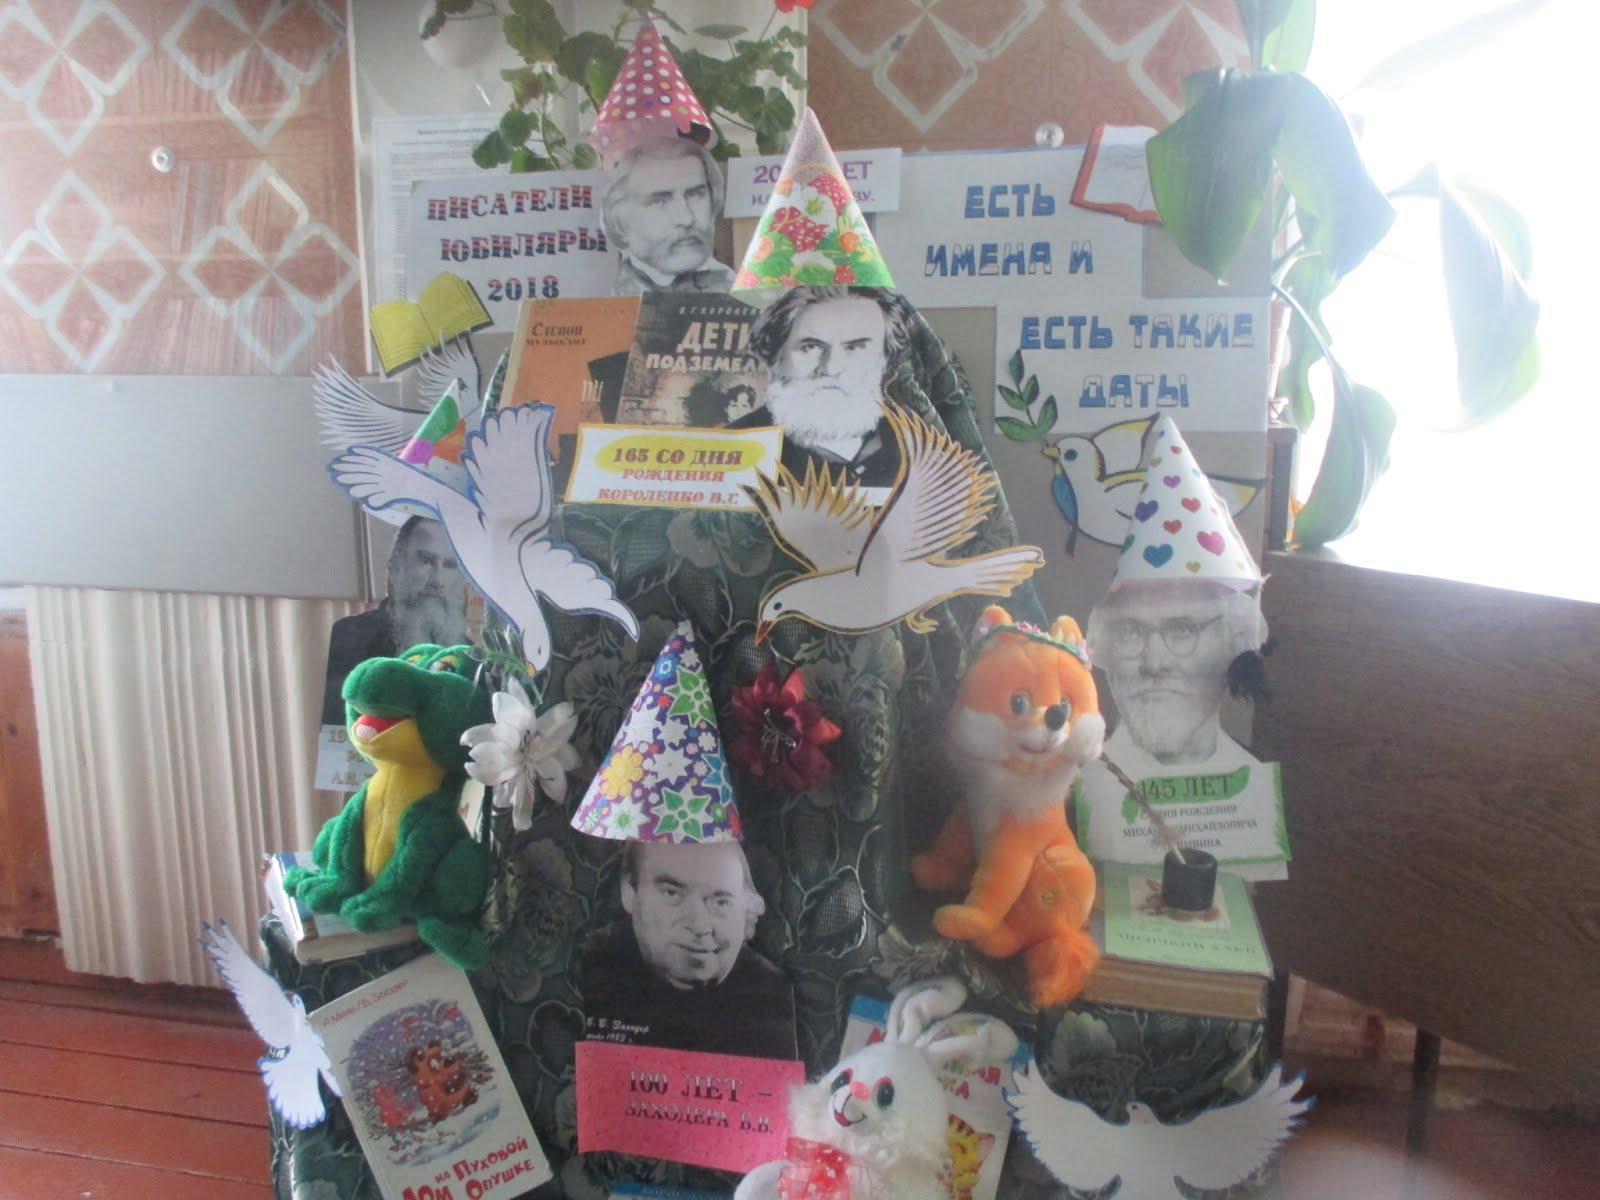 Книжная выставка посвящённая писателям - юбилярам 2018 г.